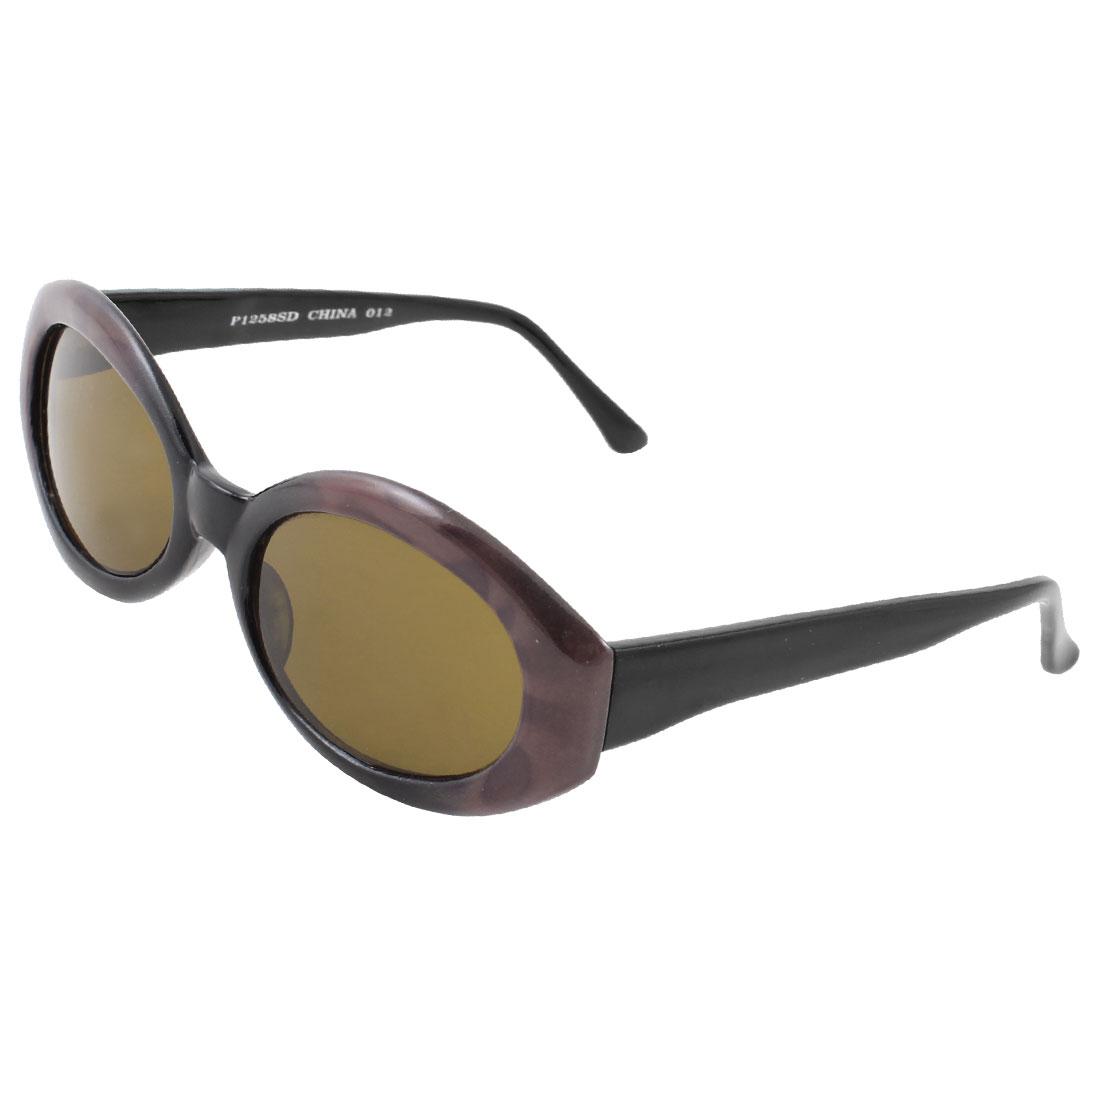 One Bridge Purple Full Frame Black Arms Brown Lens Sunglasses Glasses for Women